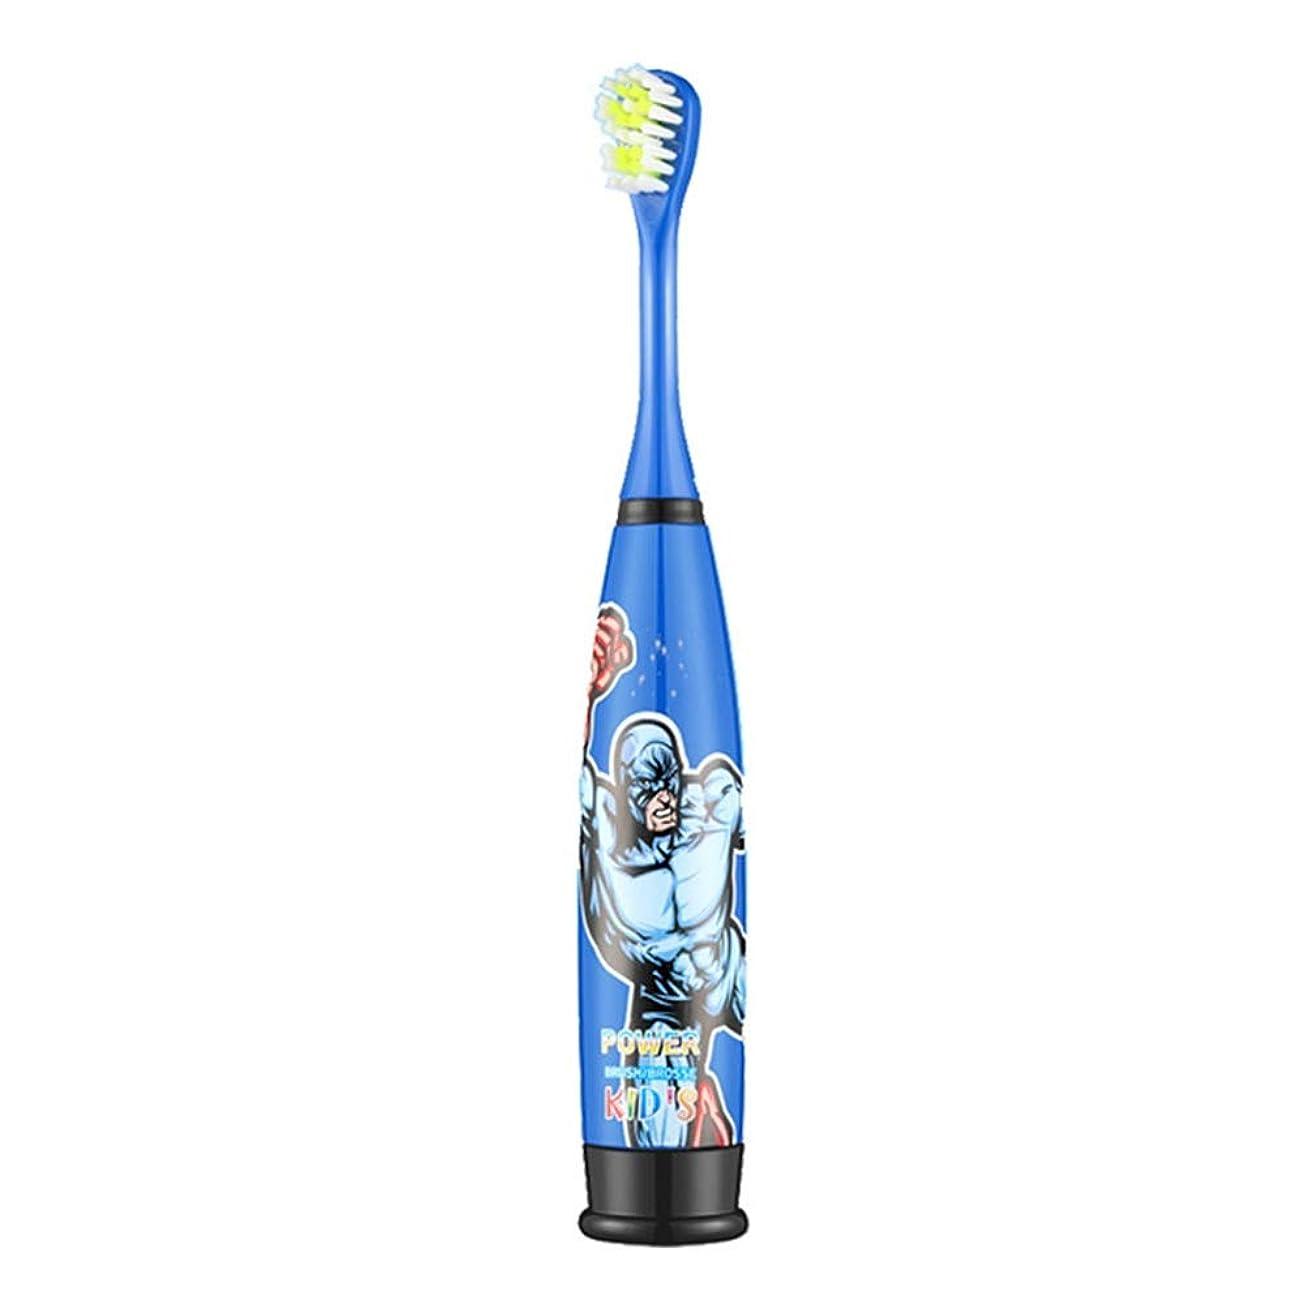 分類薄暗い敷居電動歯ブラシ ブルースーパーマンパターン電動歯ブラシ防水ソフトヘアクリーニング歯ブラシ 子供と大人に適して (色 : 青, サイズ : Free size)